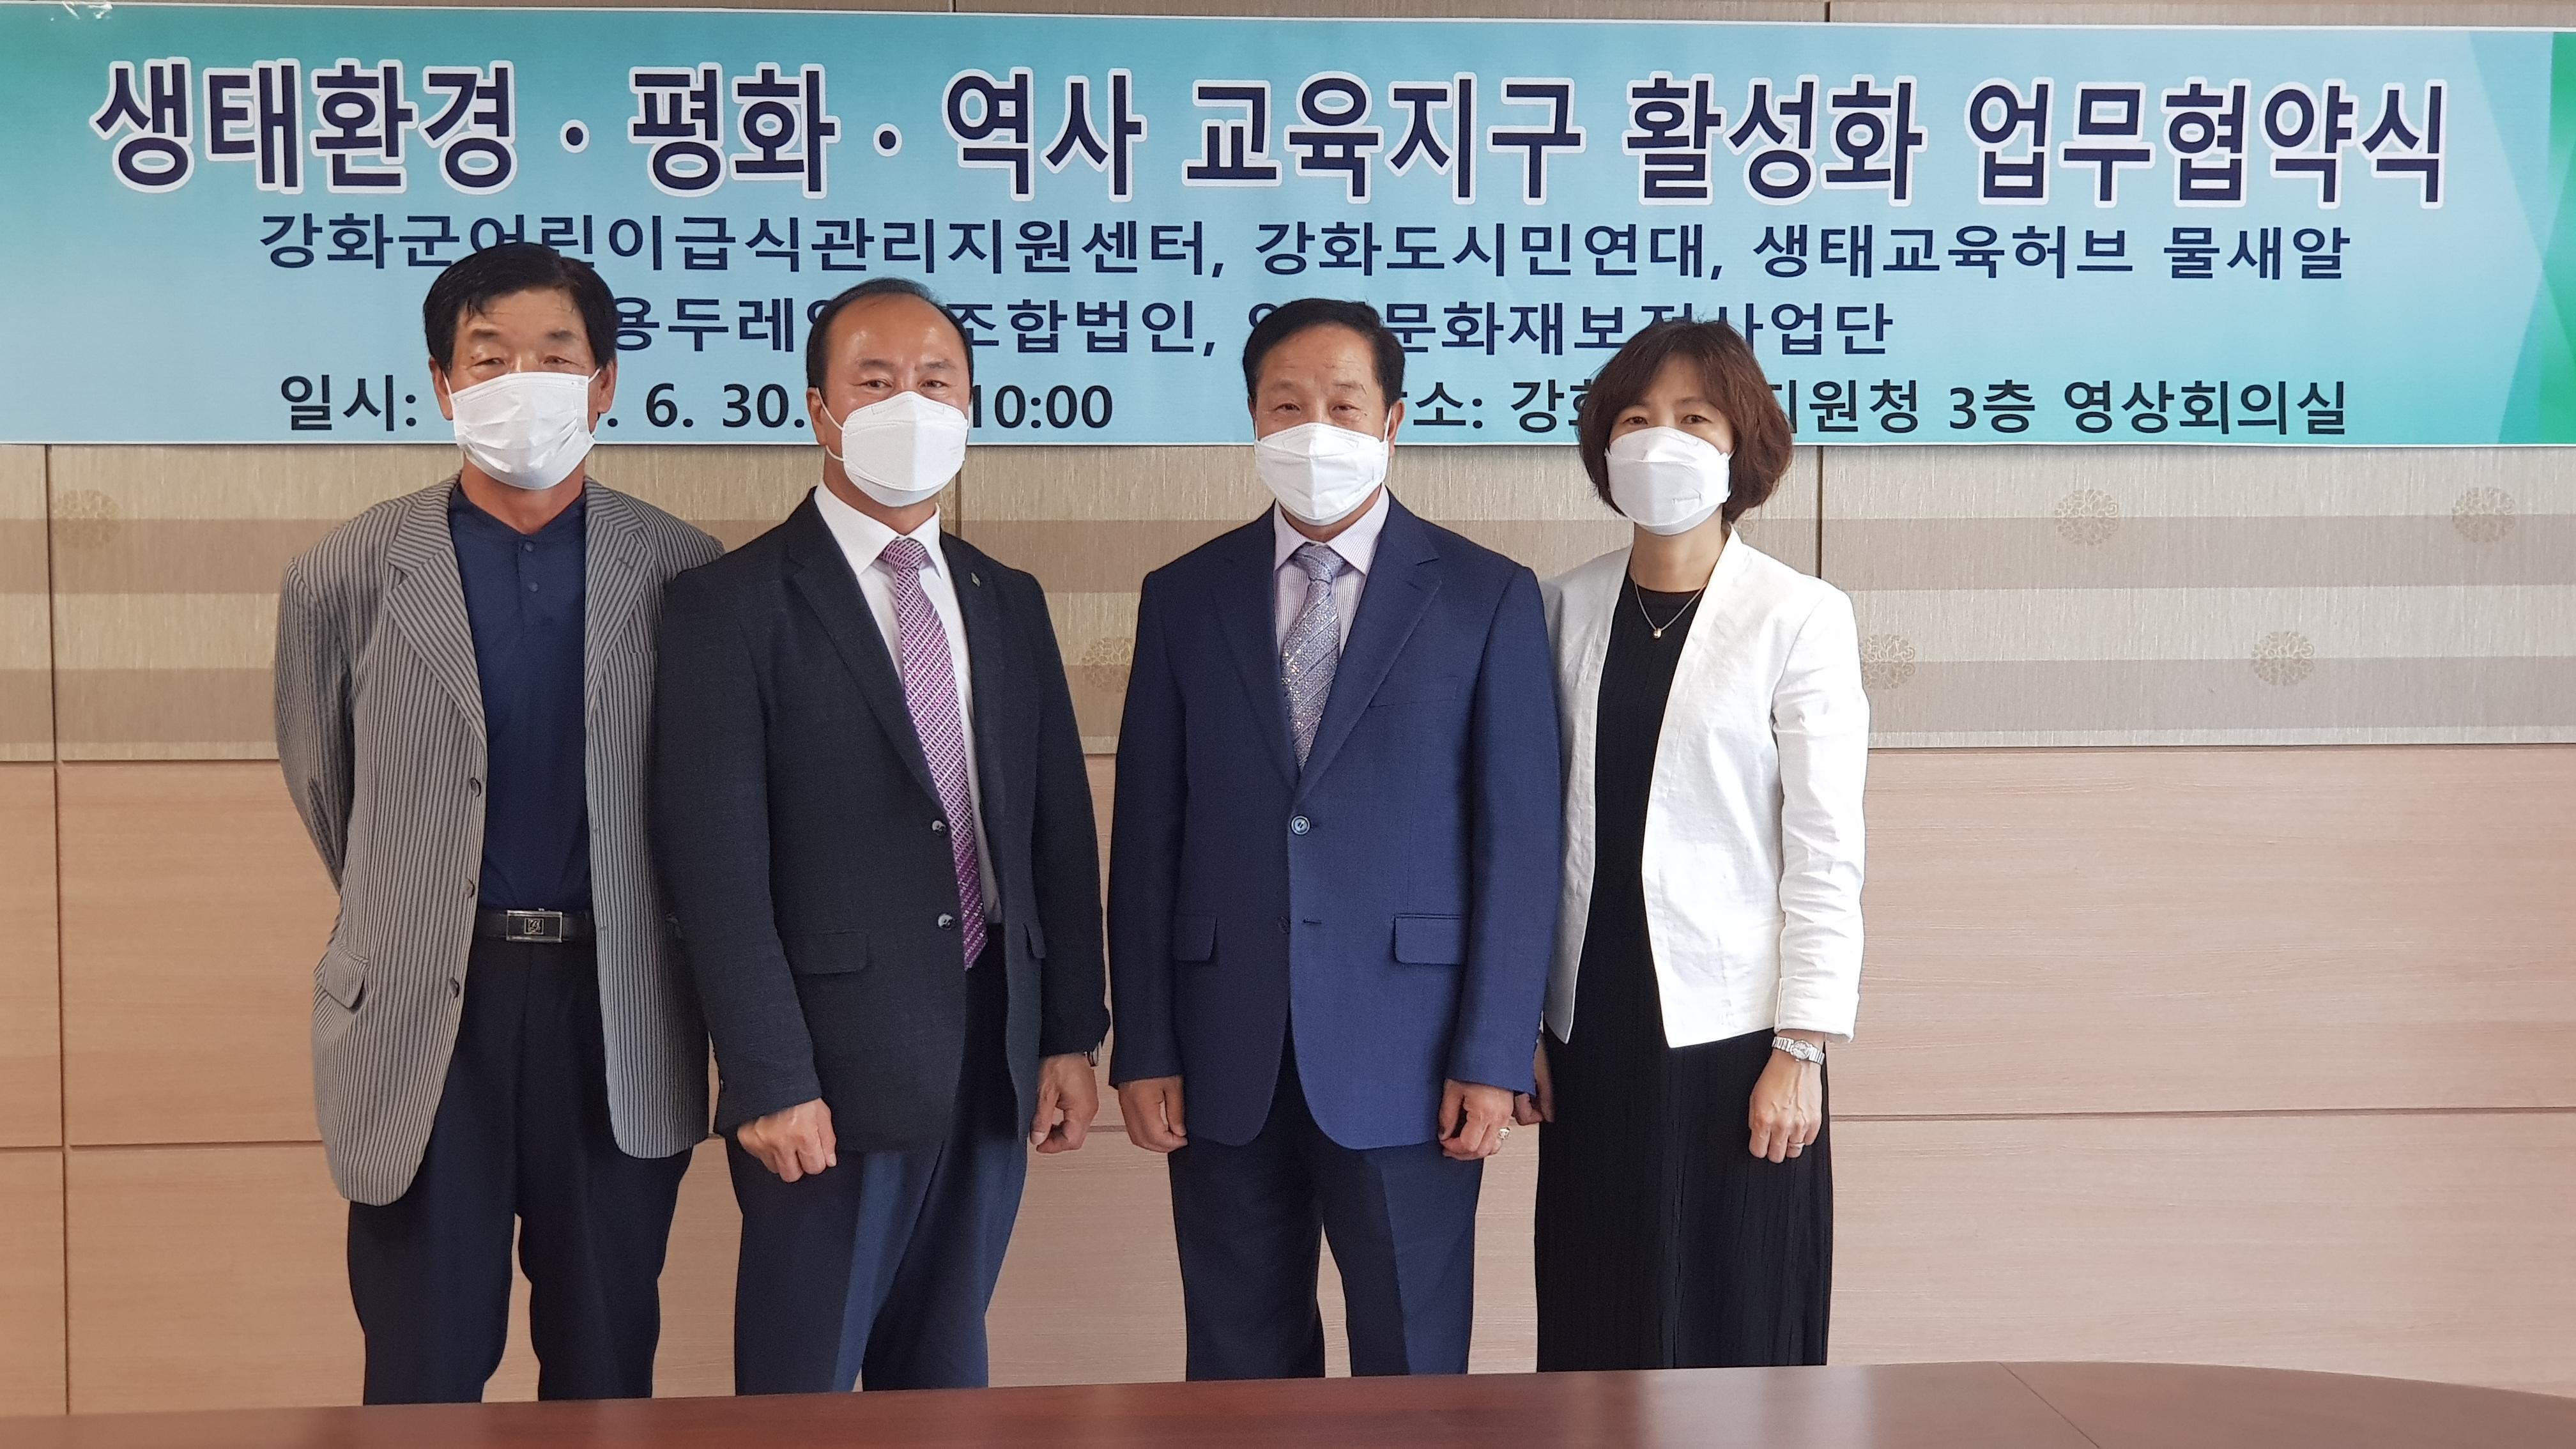 강화교육지원청, 지역 기관연계 협력강화 협약 체결